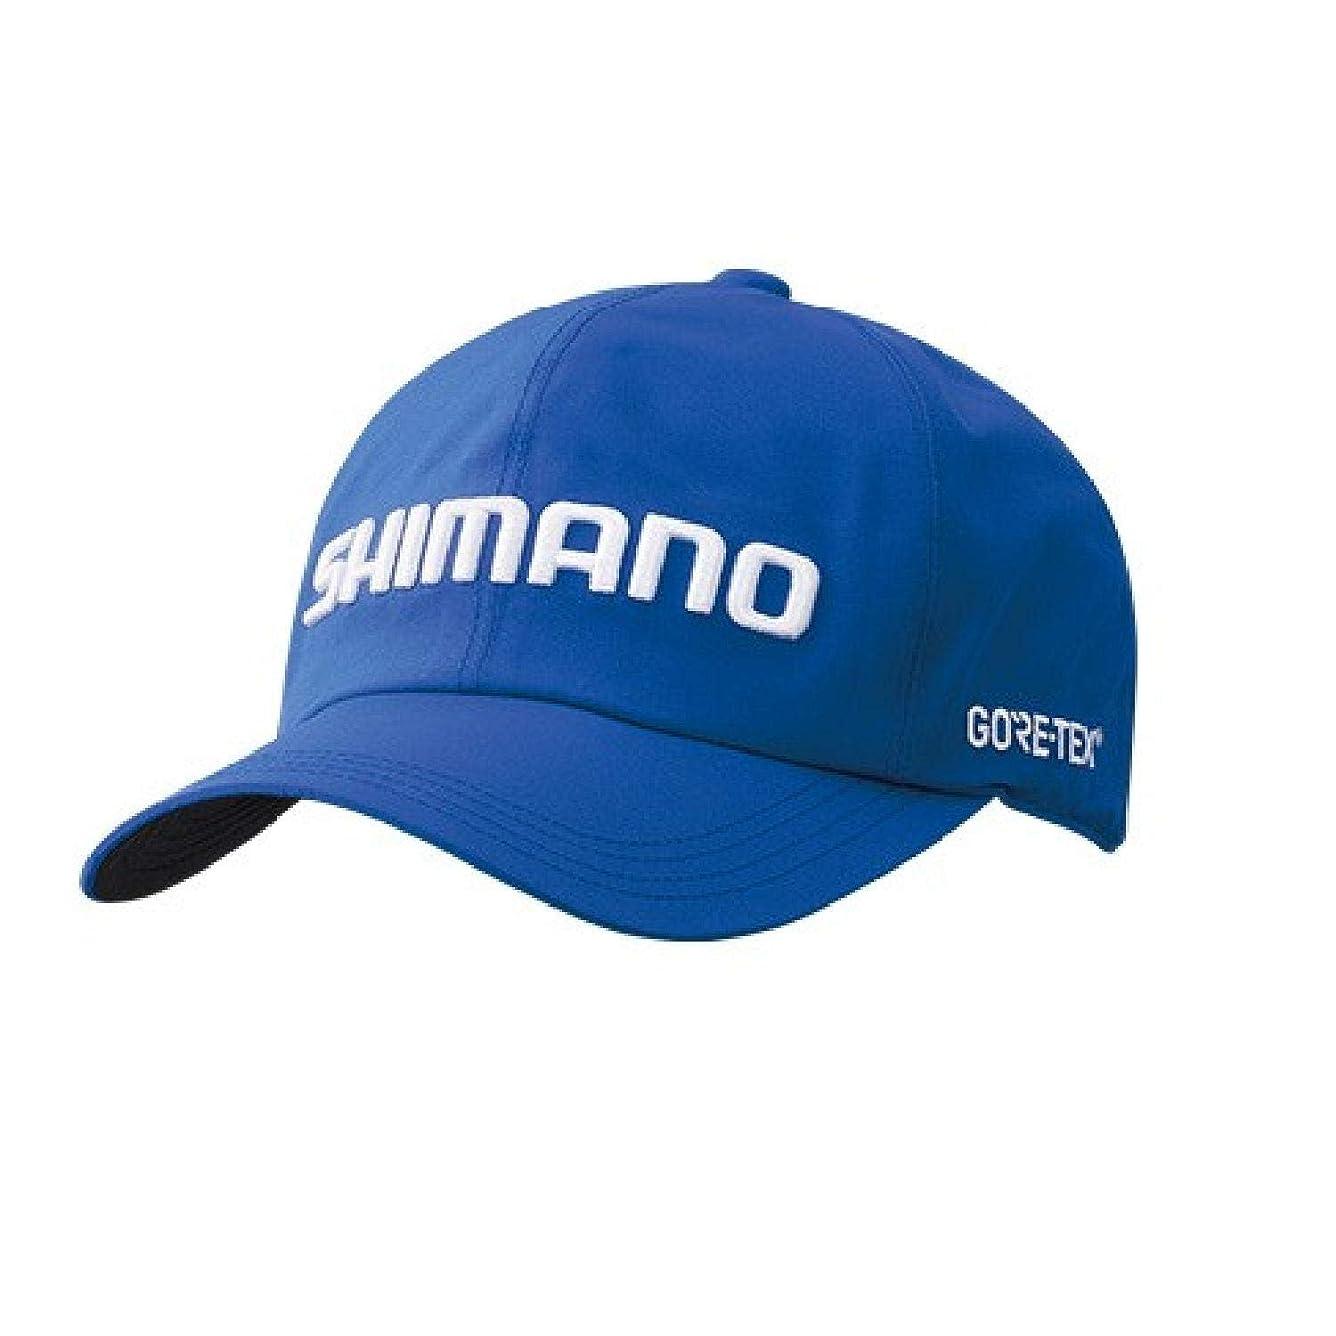 六分儀罰ストレンジャーシマノ(SHIMANO) GORE-TEX ベーシックレインキャップ CA-010S